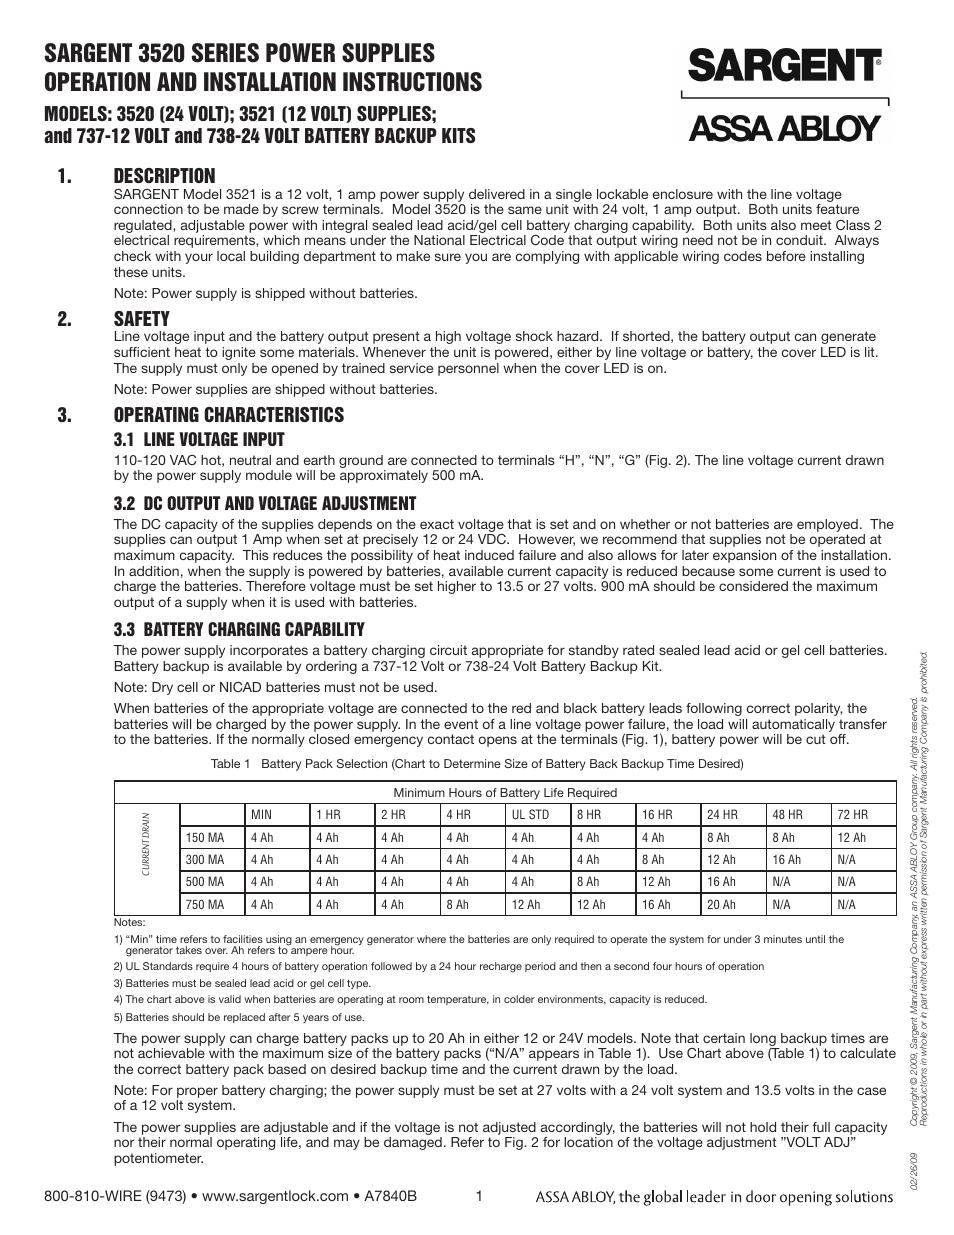 Boeing 737 Wiring Manual